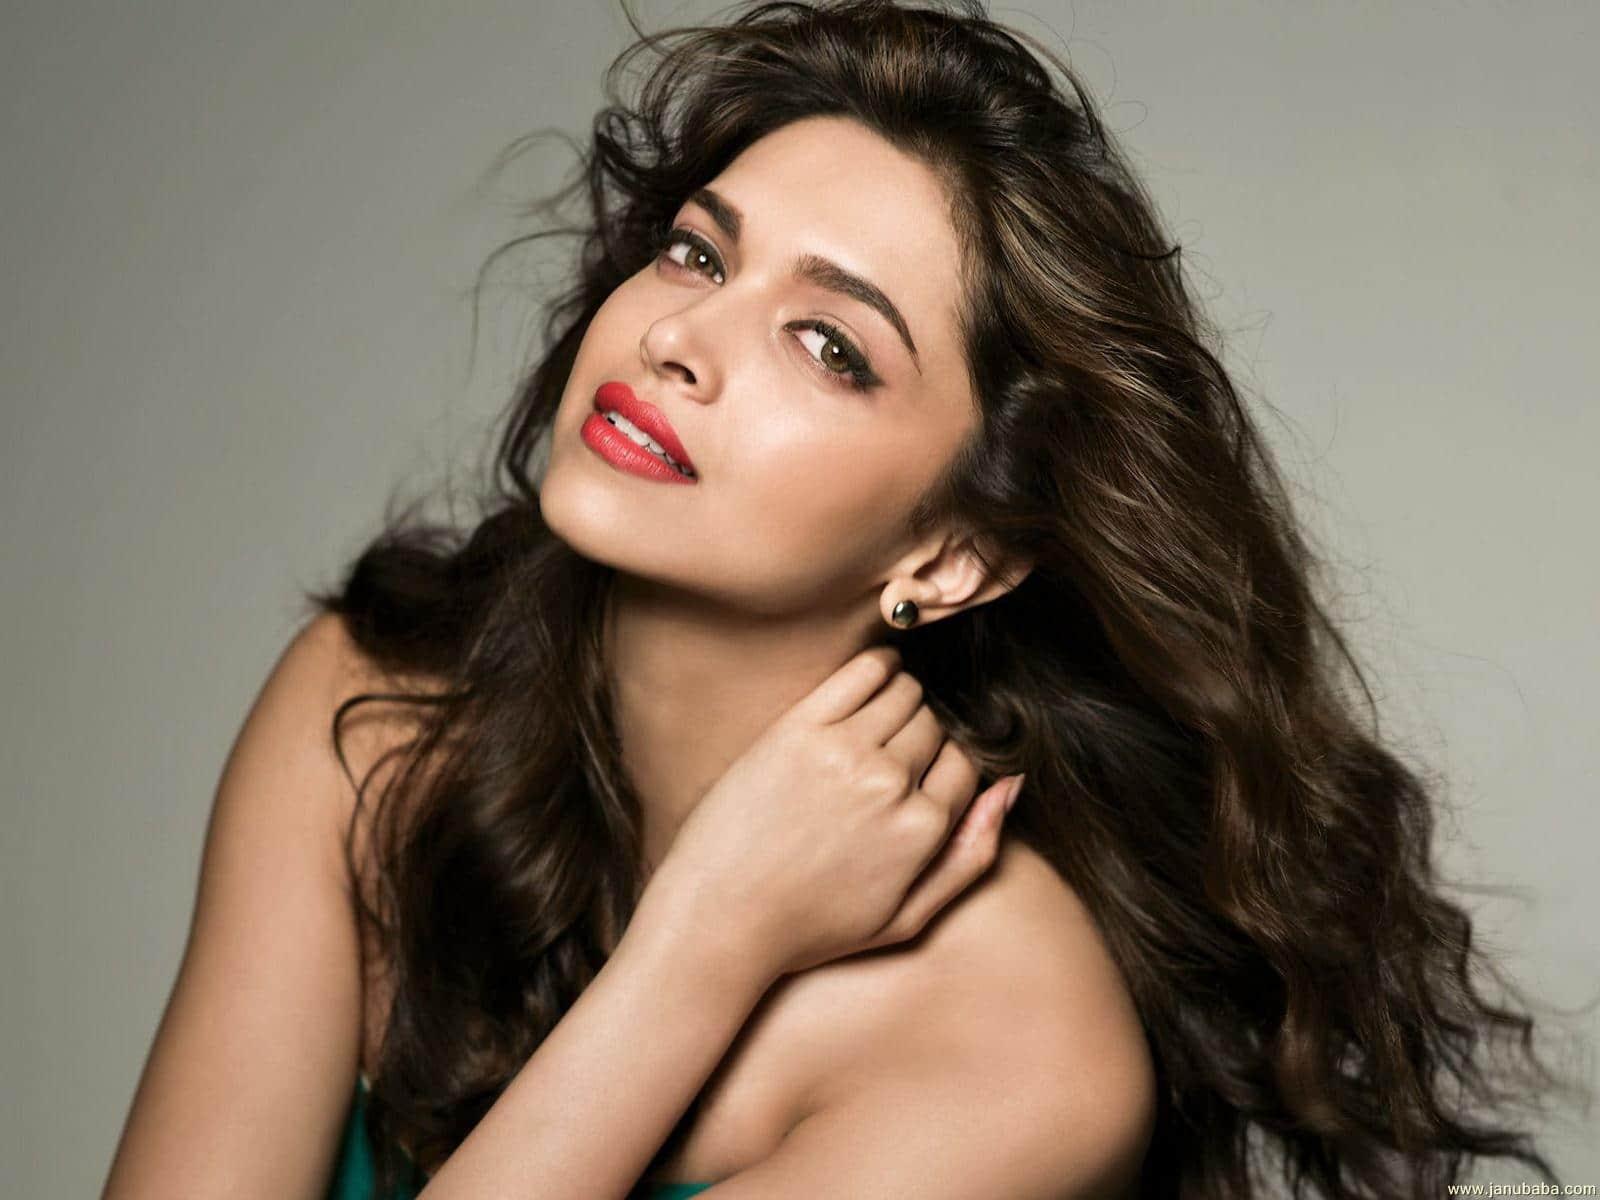 Deepika Padukone, Kareena Kapoor Khan in a brawl for Madhur Bhandarkar's next